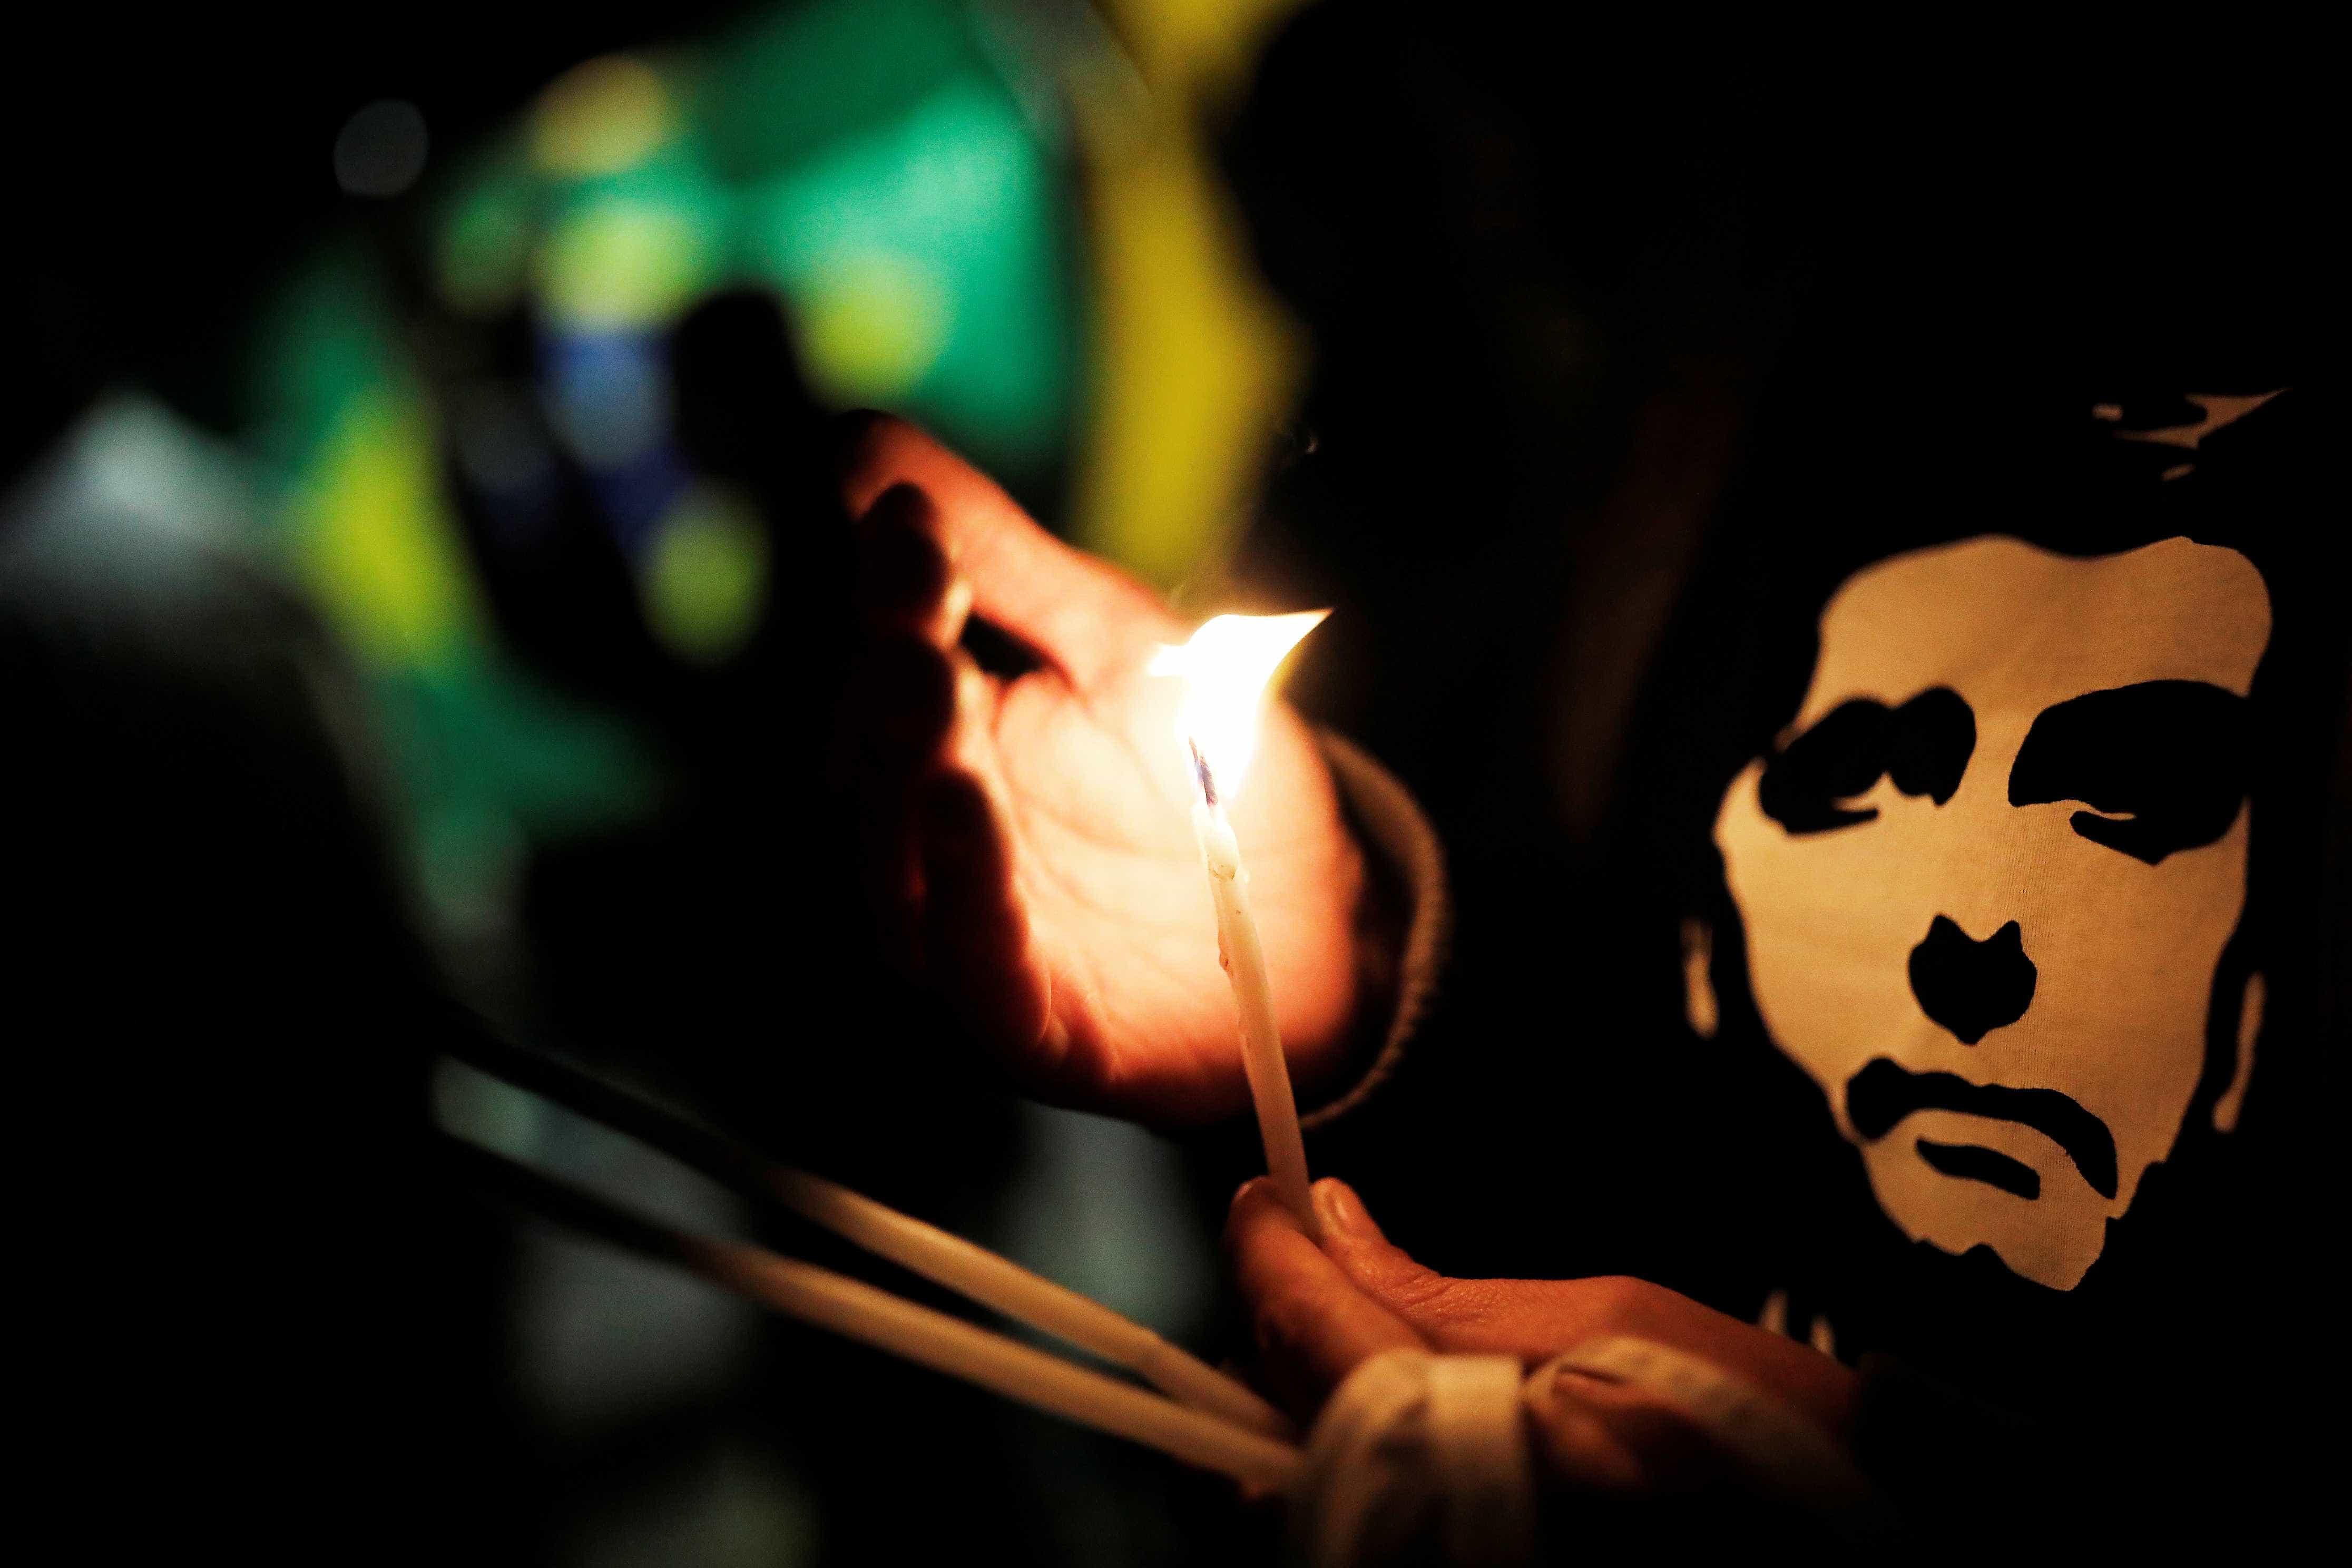 Após diagnóstico de infecção, Bolsonaro não terá alta nesta sexta-feira